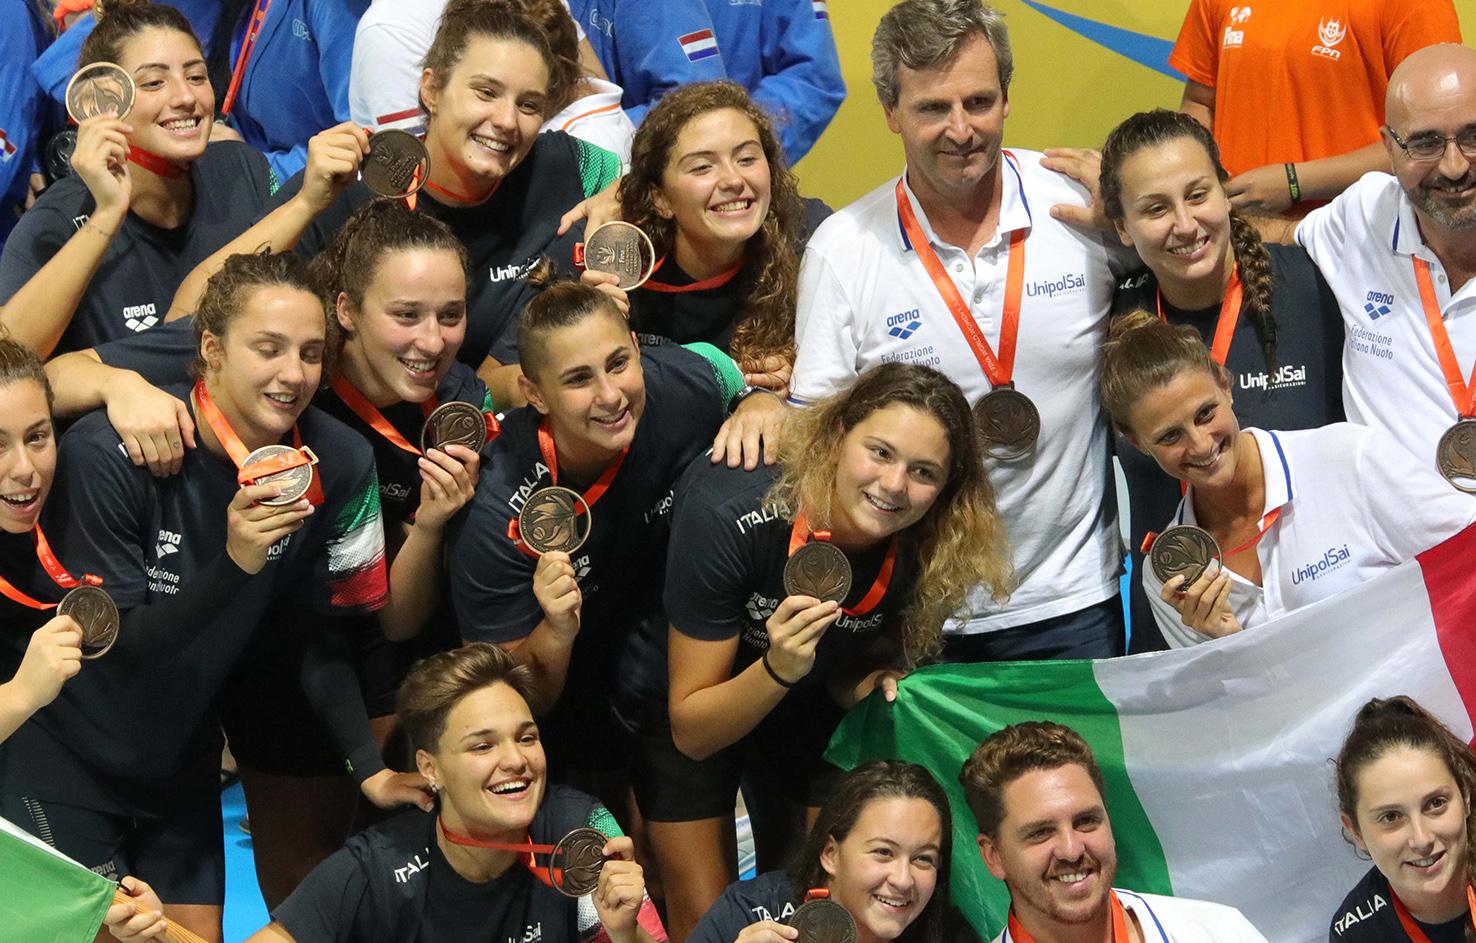 Pioggia di medaglie internazionali per le orchette della Pallanuoto Trieste